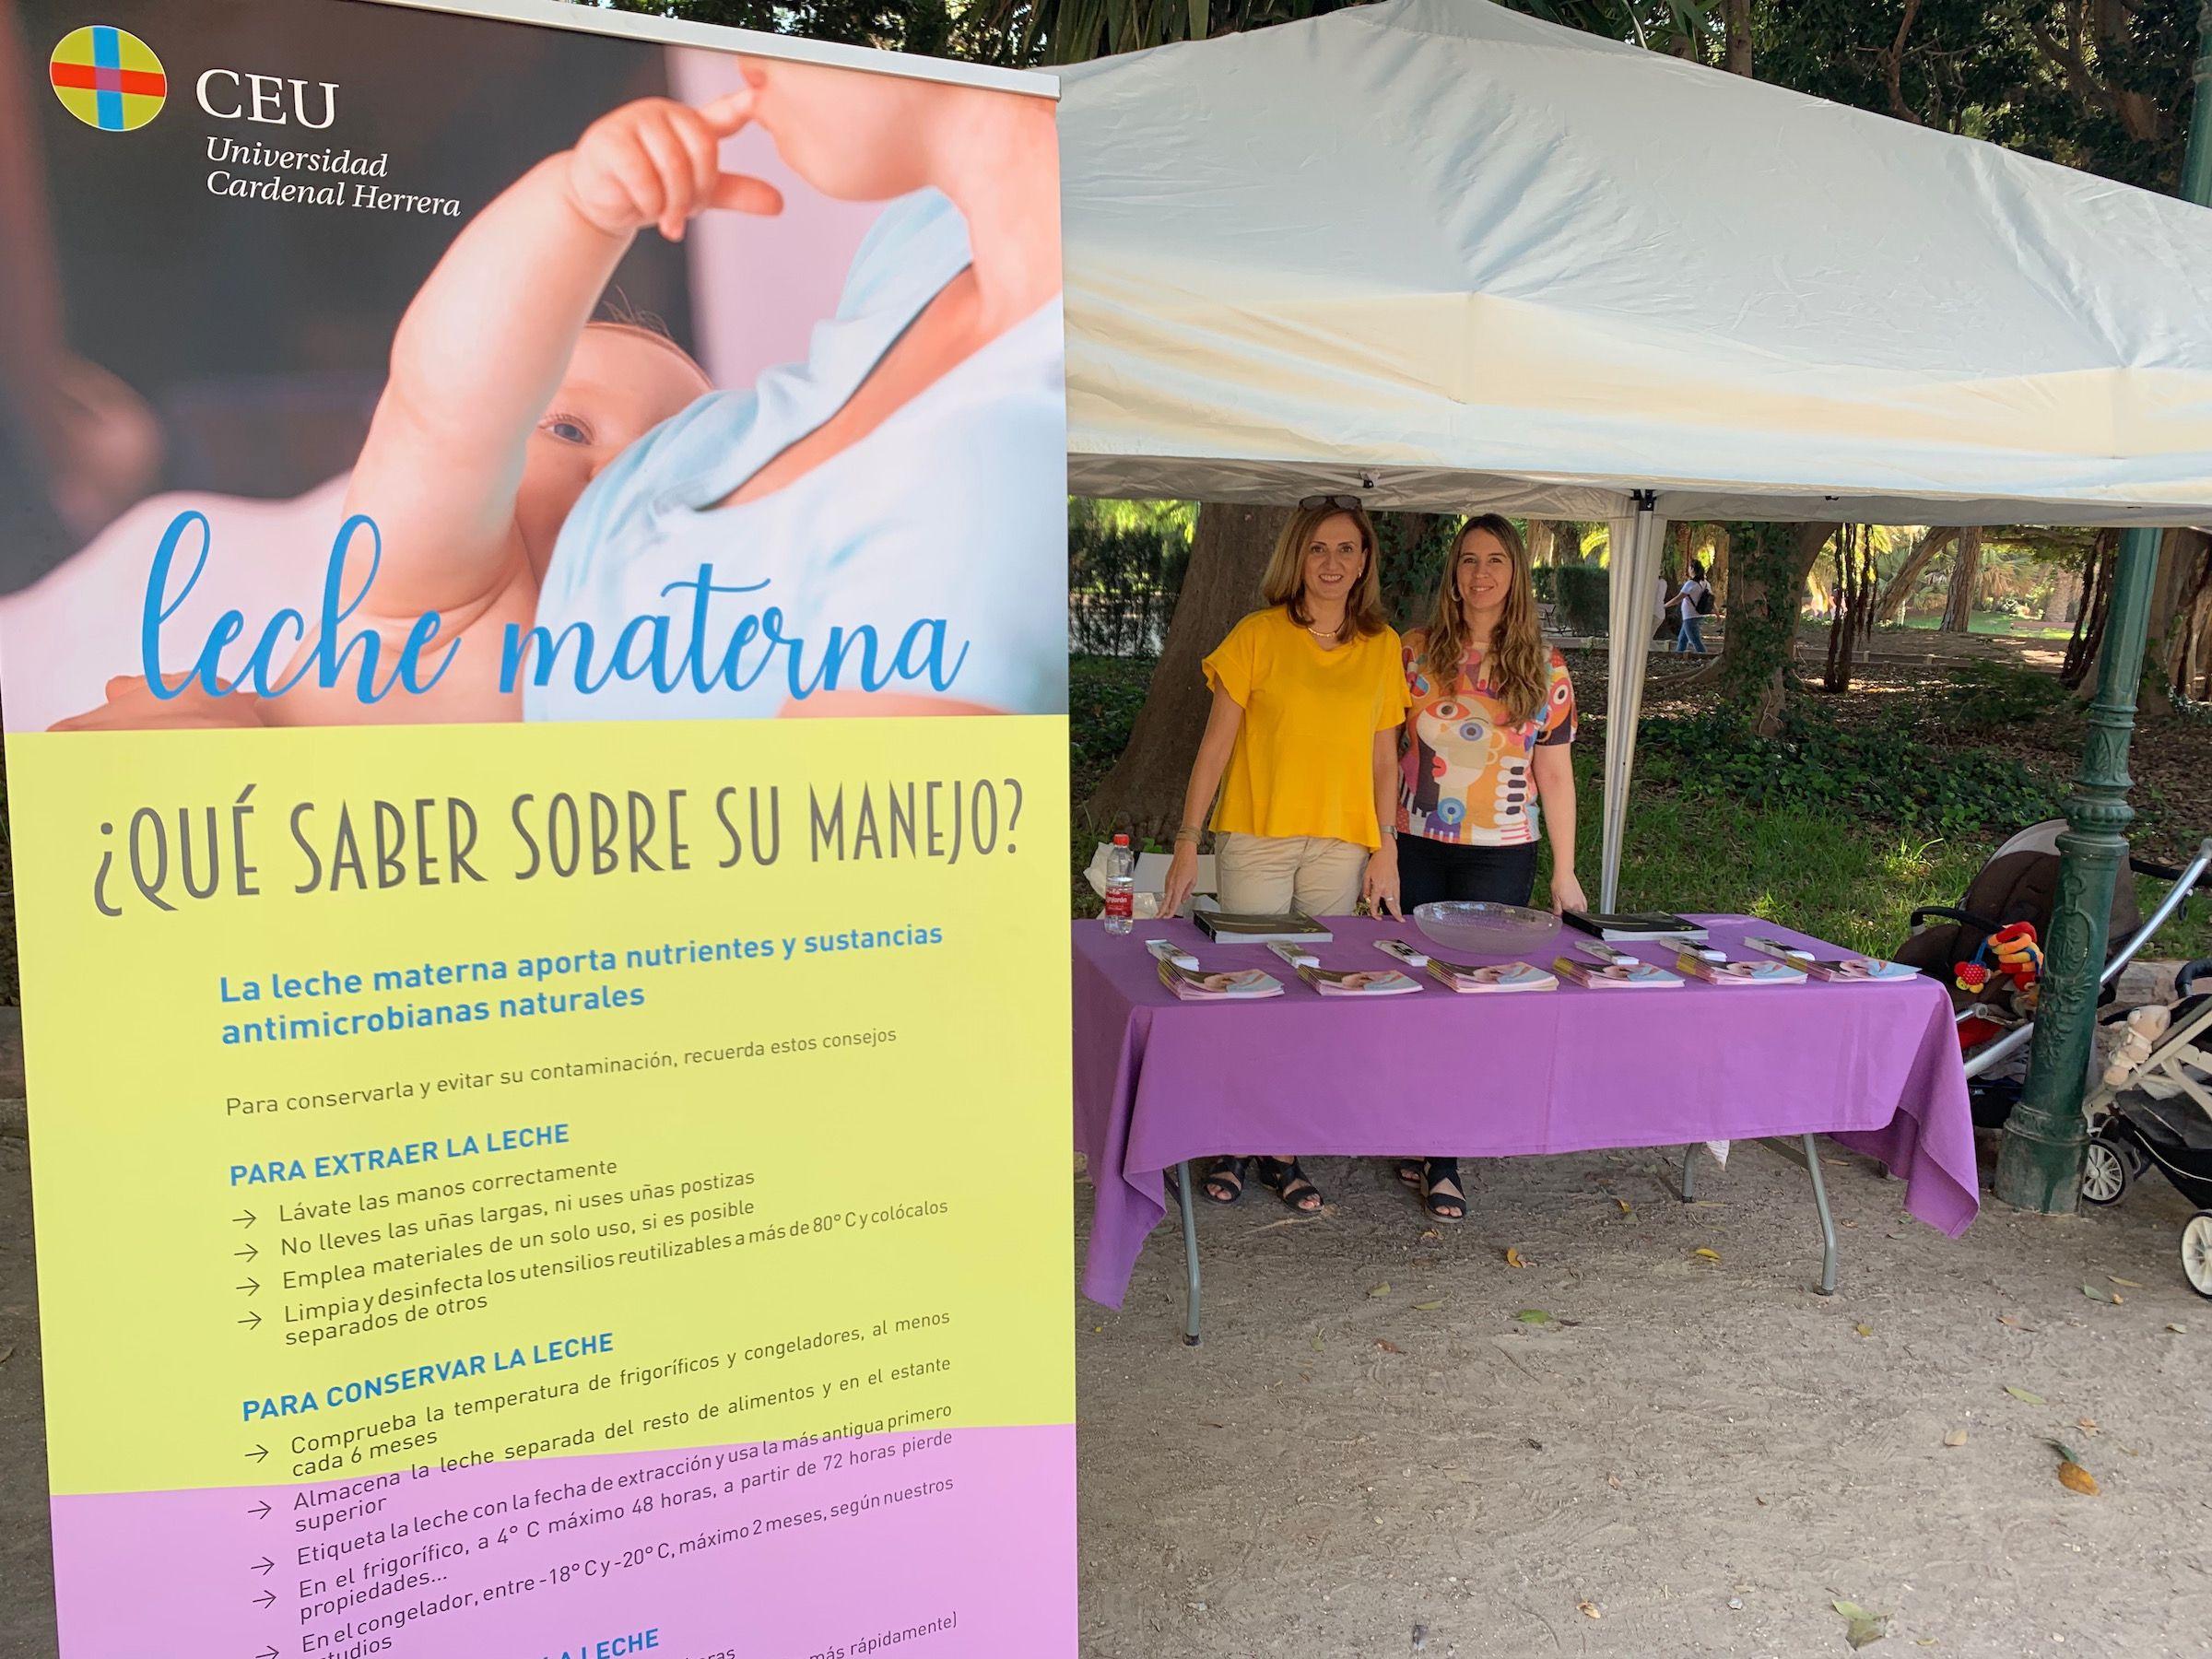 Las profesoras Mari Carmen López y Sandra Fernández, investigadoras del Grupo NHySA de la CEU UCH. en la Feria de la Lactancia organizada por Amamanta.